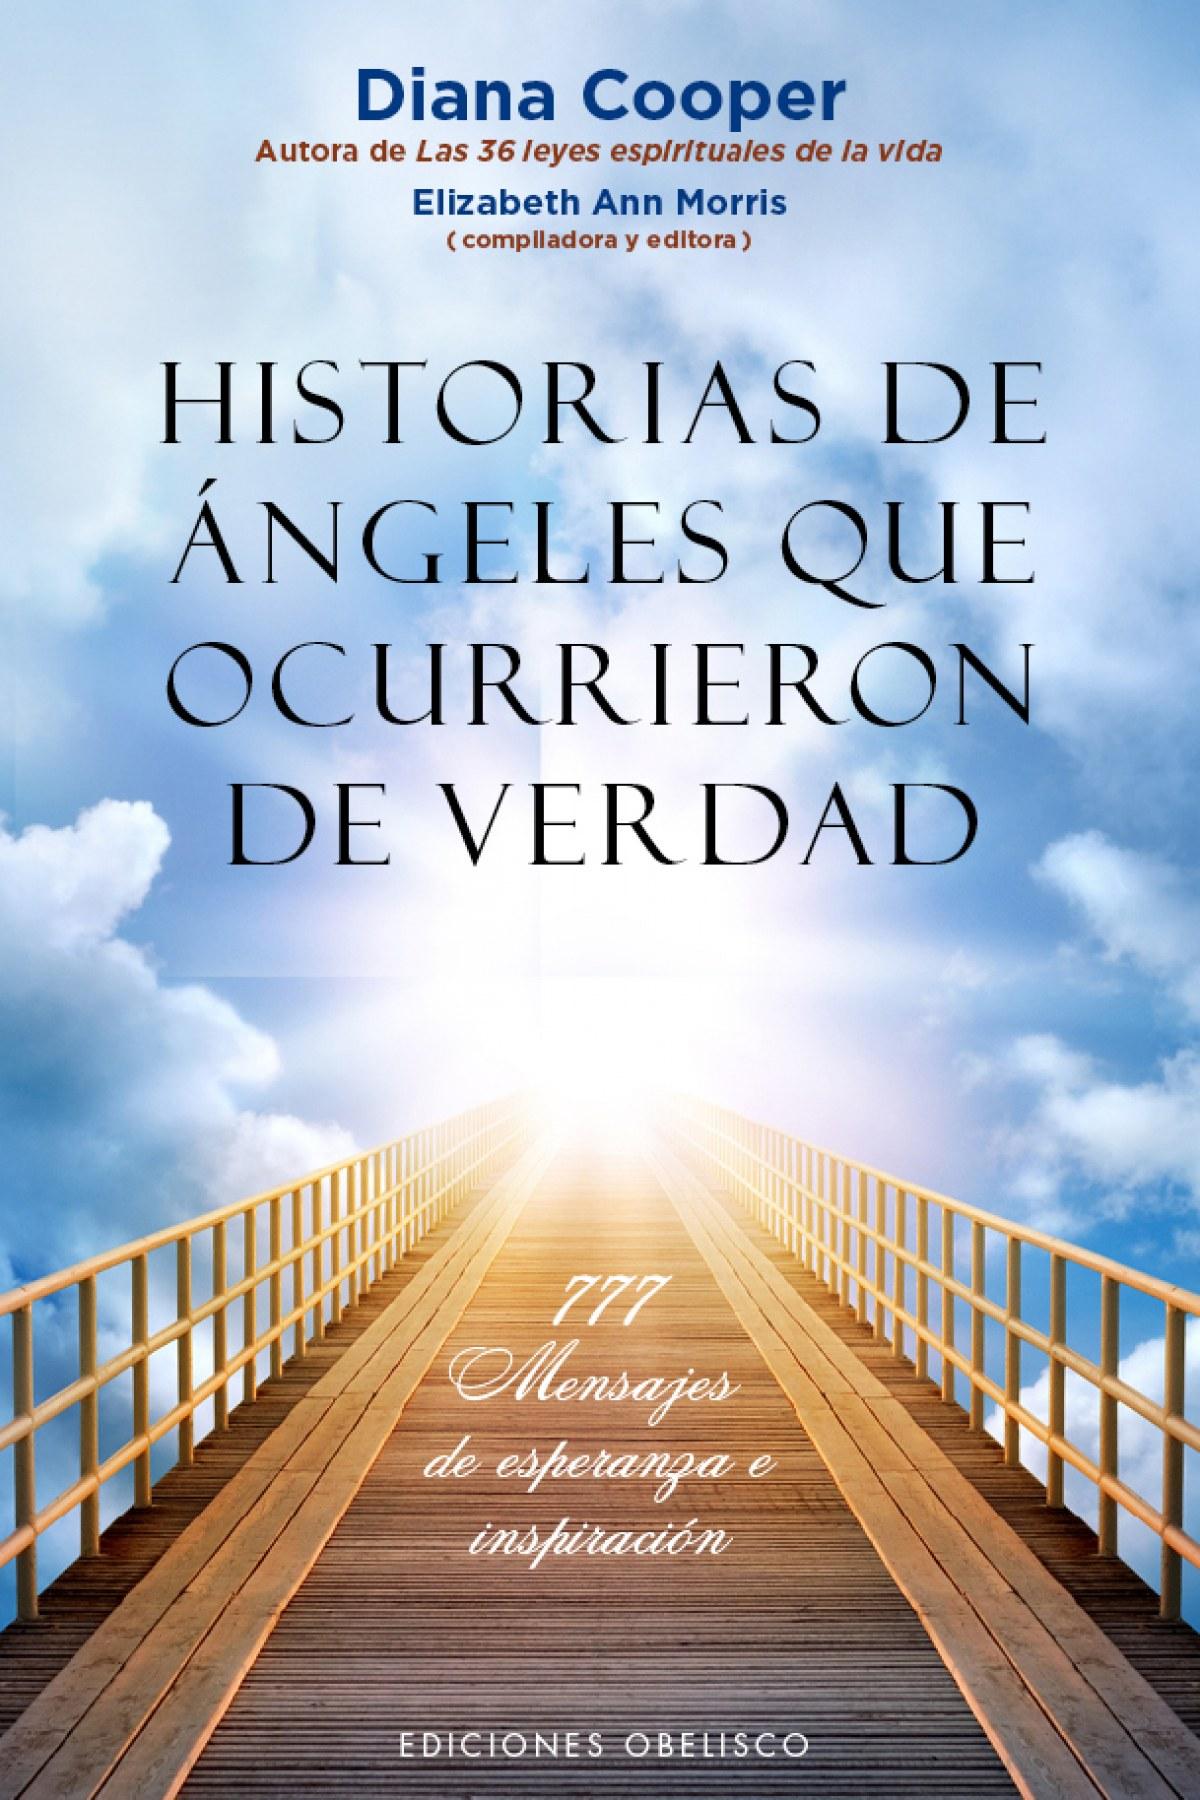 HISTORIAS DE ANGELES QUE OCURRIERON DE VERDAD 9788491110750